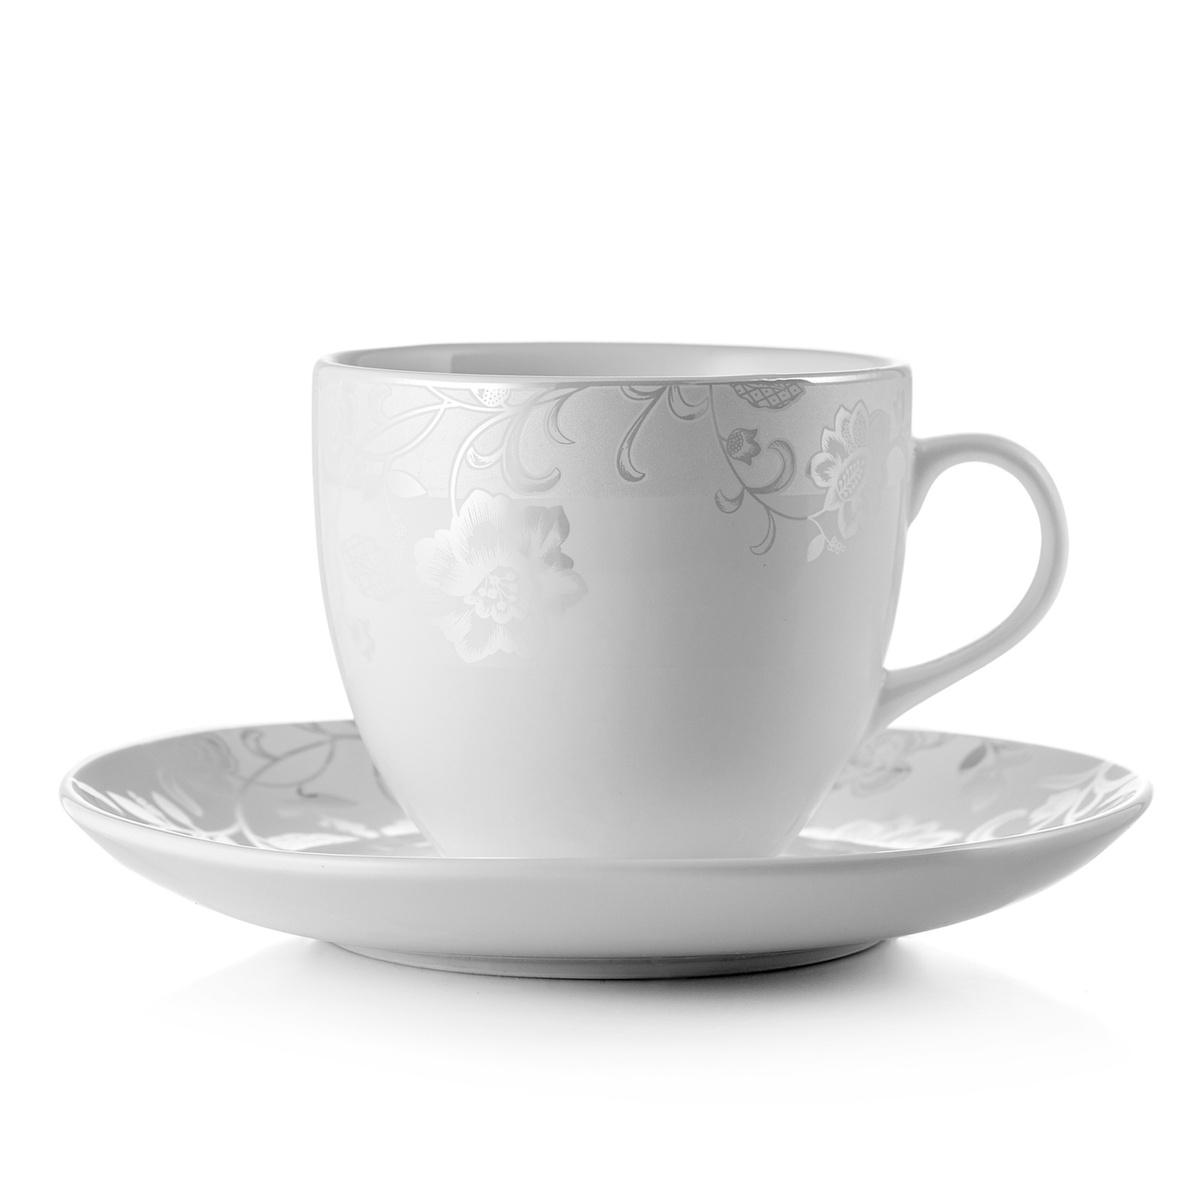 Чашка чайная Esprado, 220 мл #1